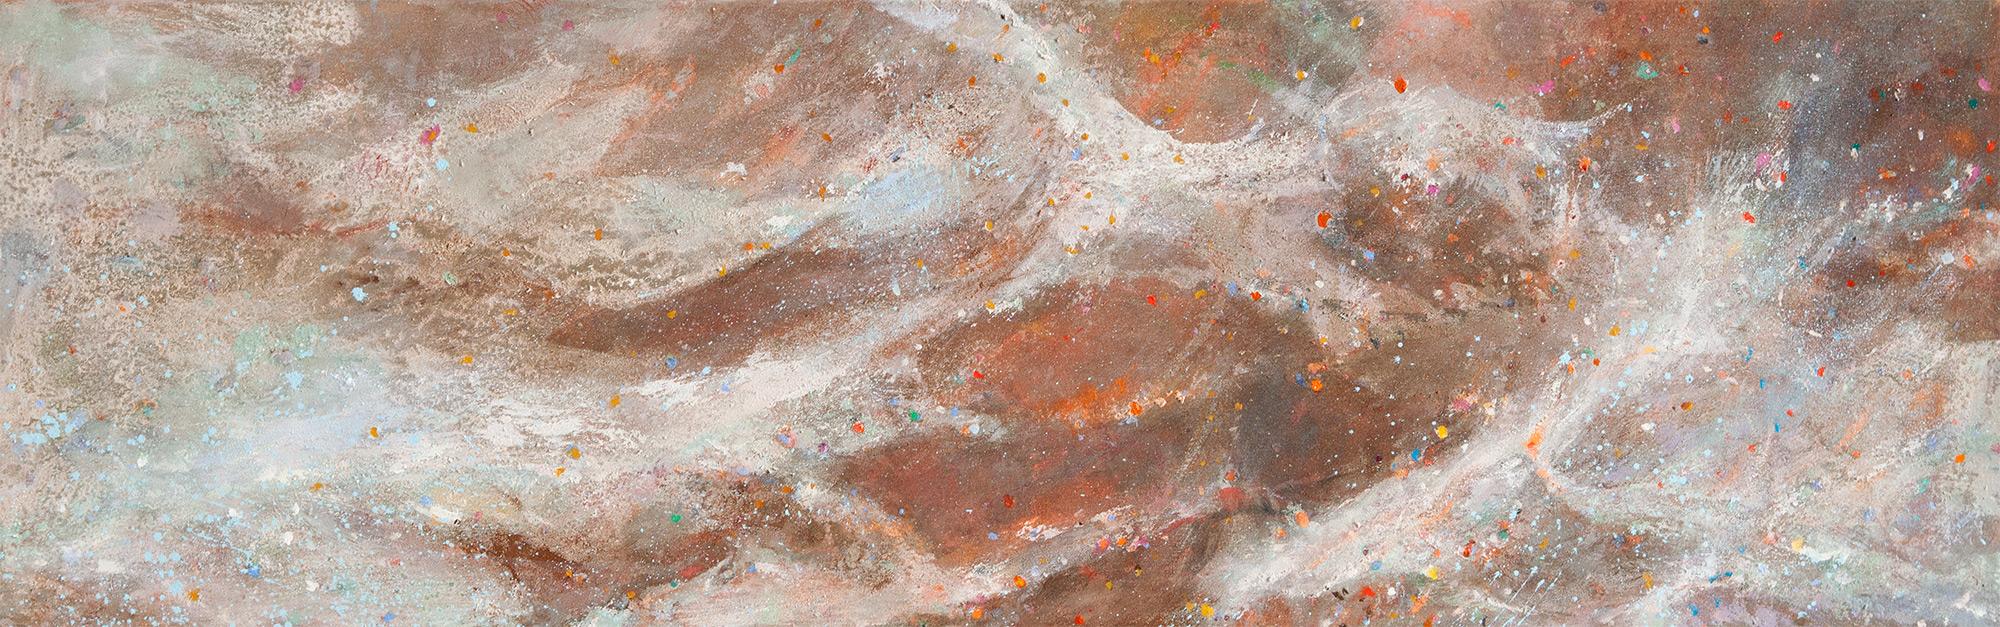 Torrent  1982-17, 48 x 152 cm